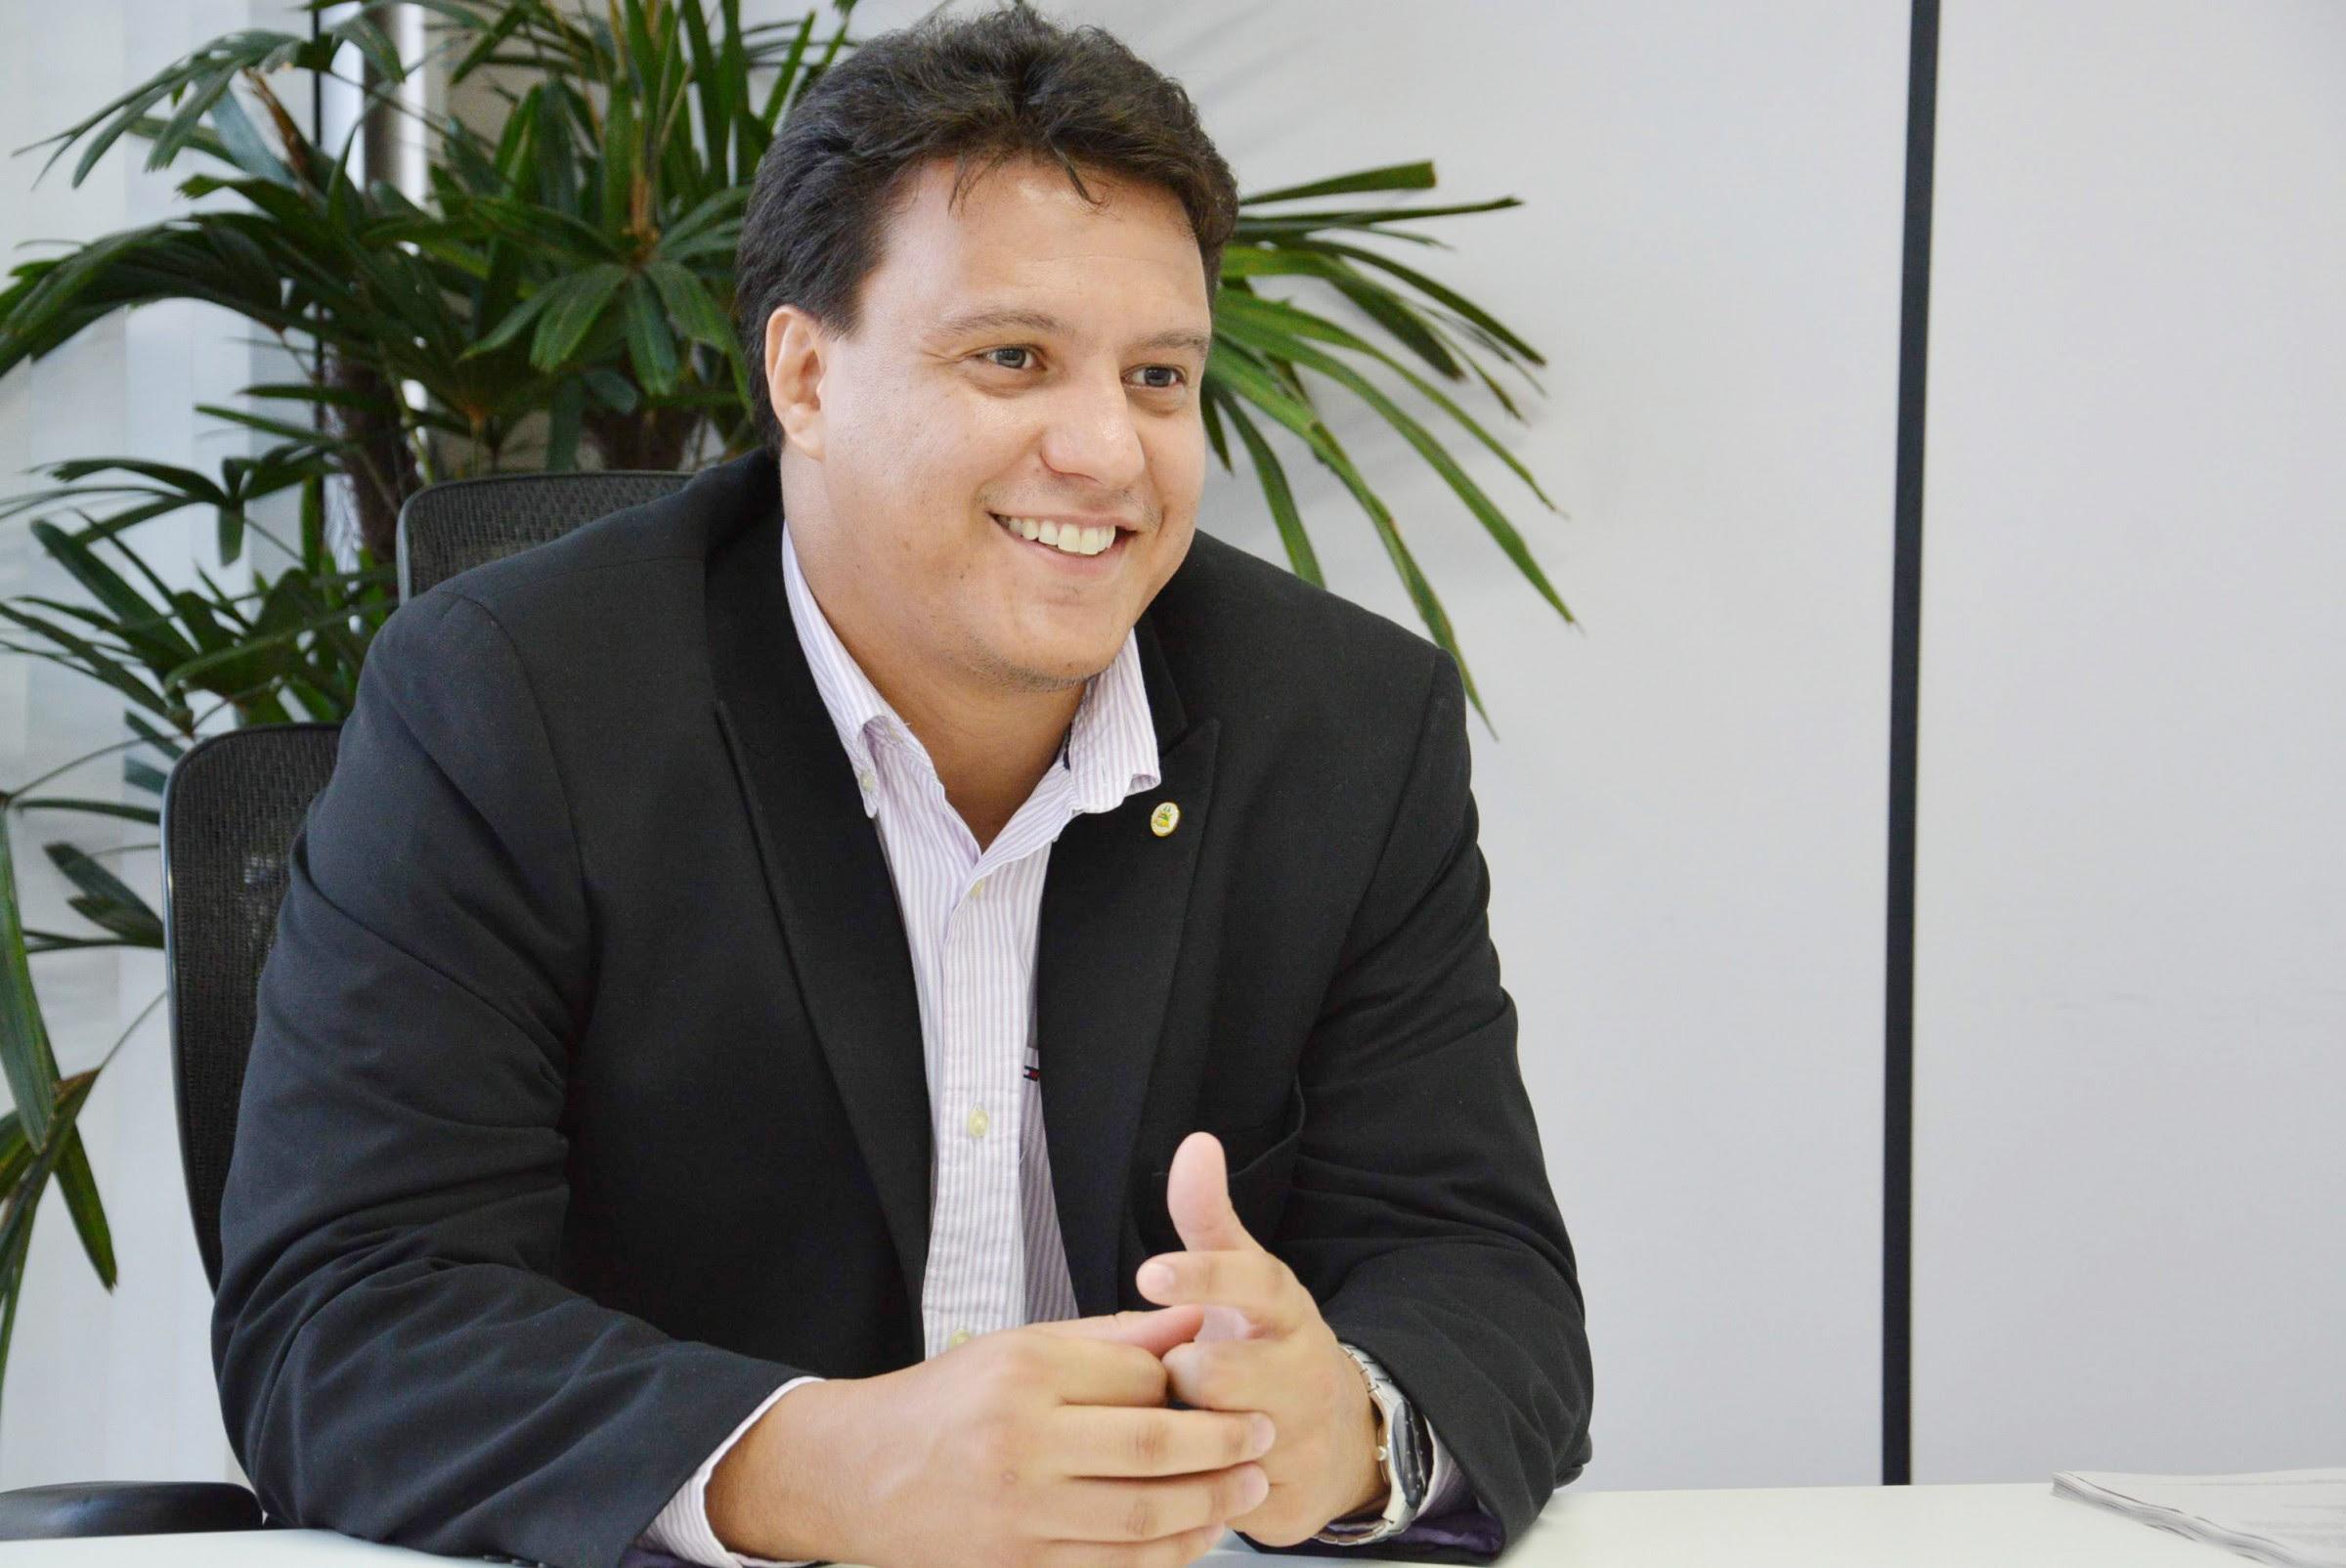 """Farei aquilo que o governador e grupo político determinarem"""", afirma Felipe Camarão sobre sucessão em São Luís - Blog do Gláucio EriceiraBlog do Gláucio Ericeira"""